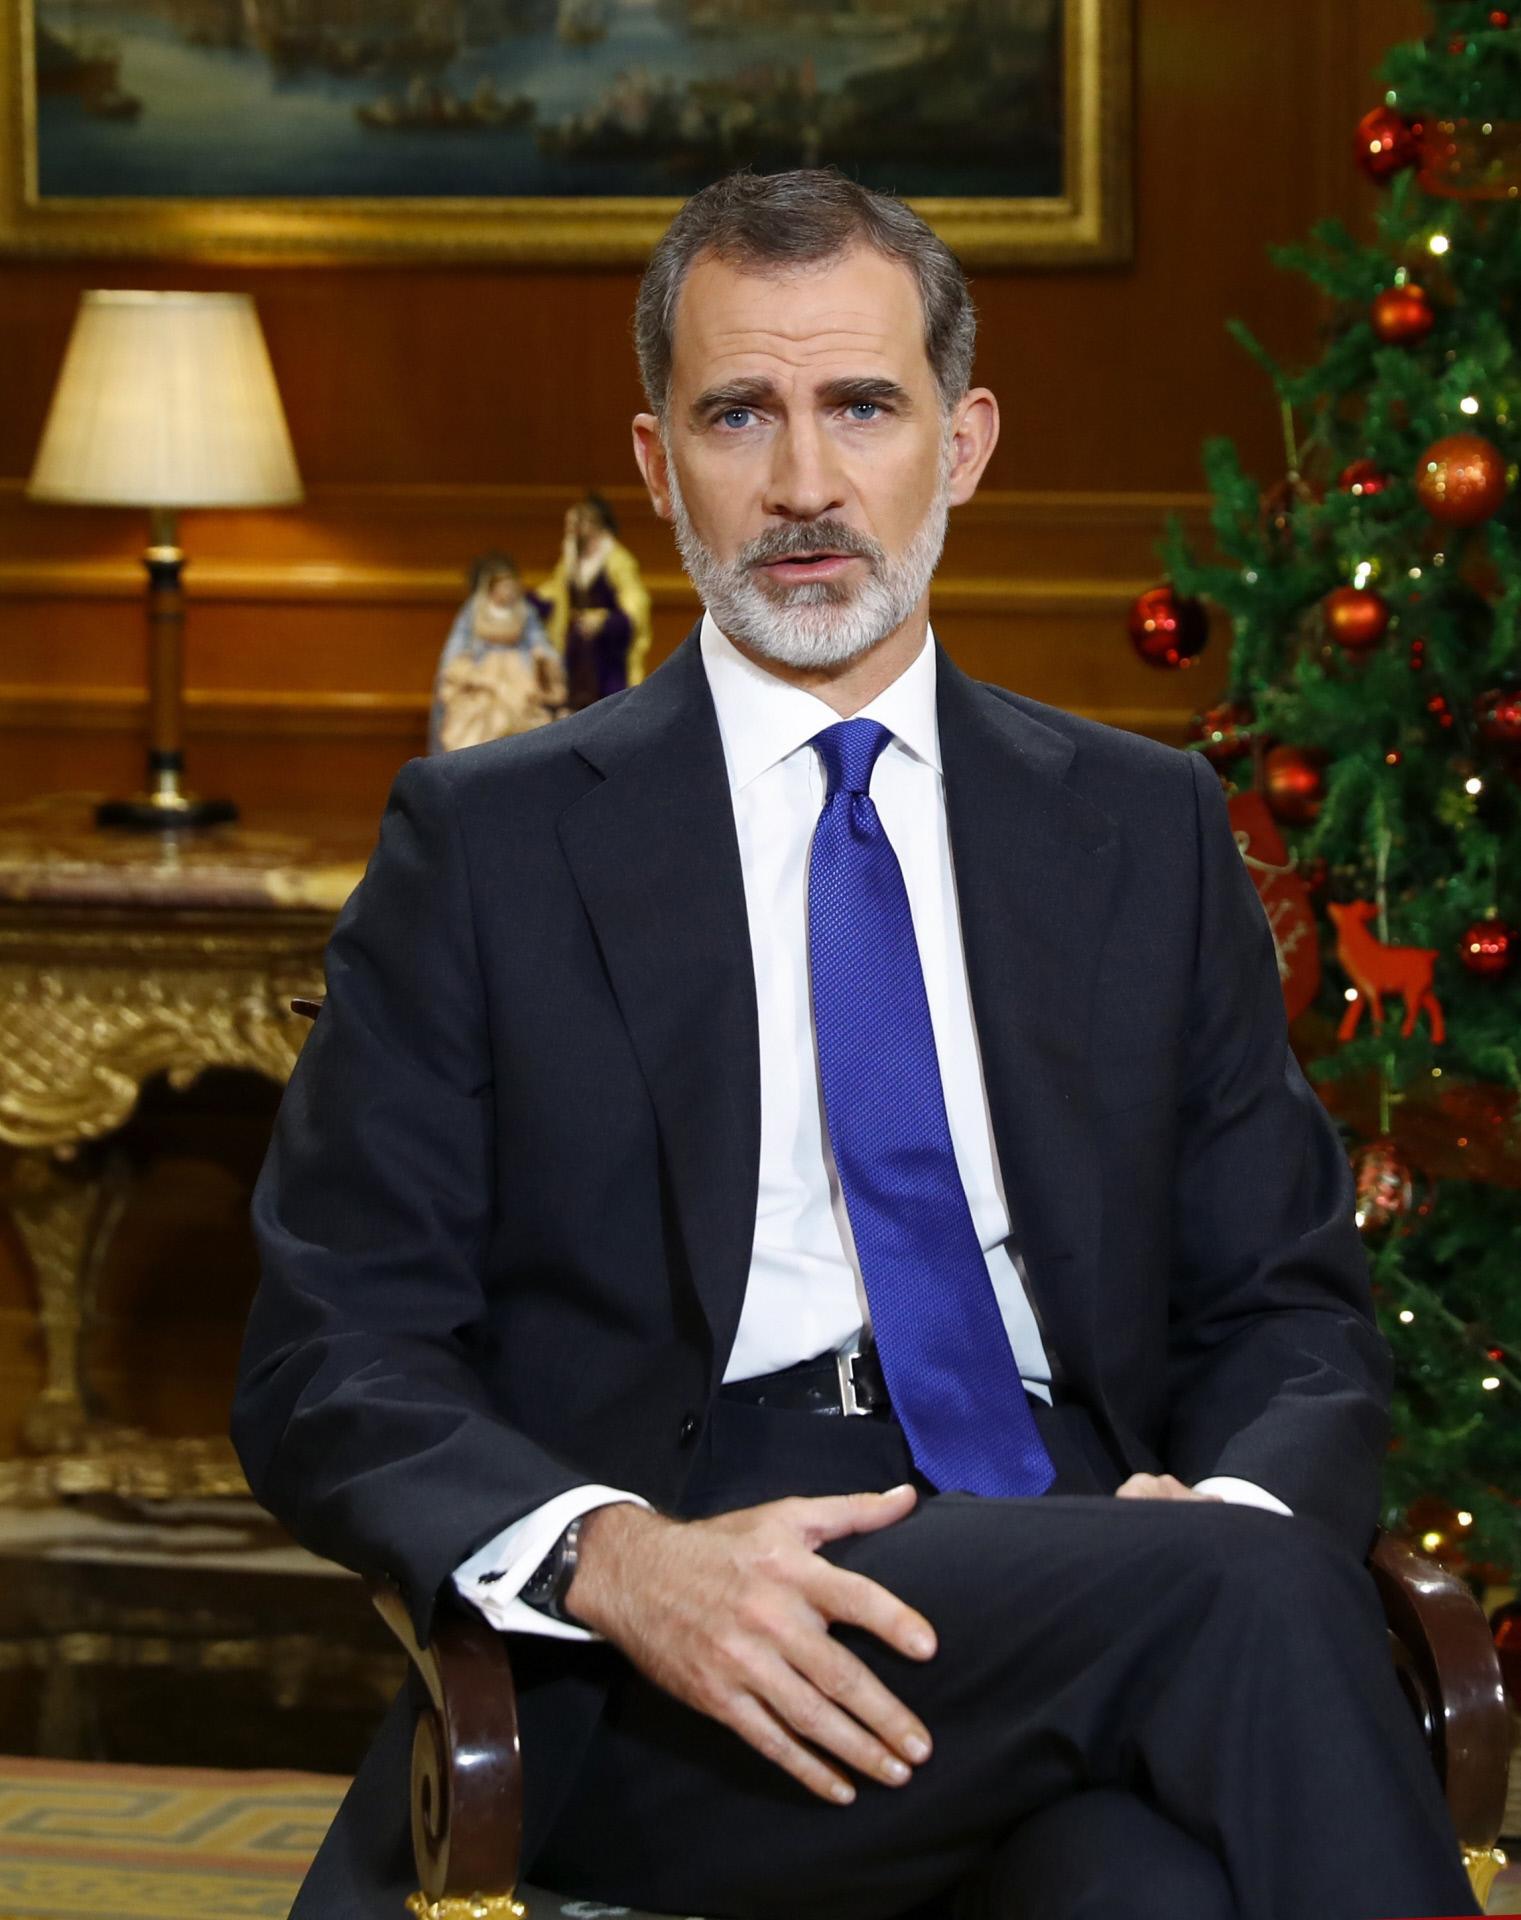 El Rey Felipe, en el último discurso de Navidad.